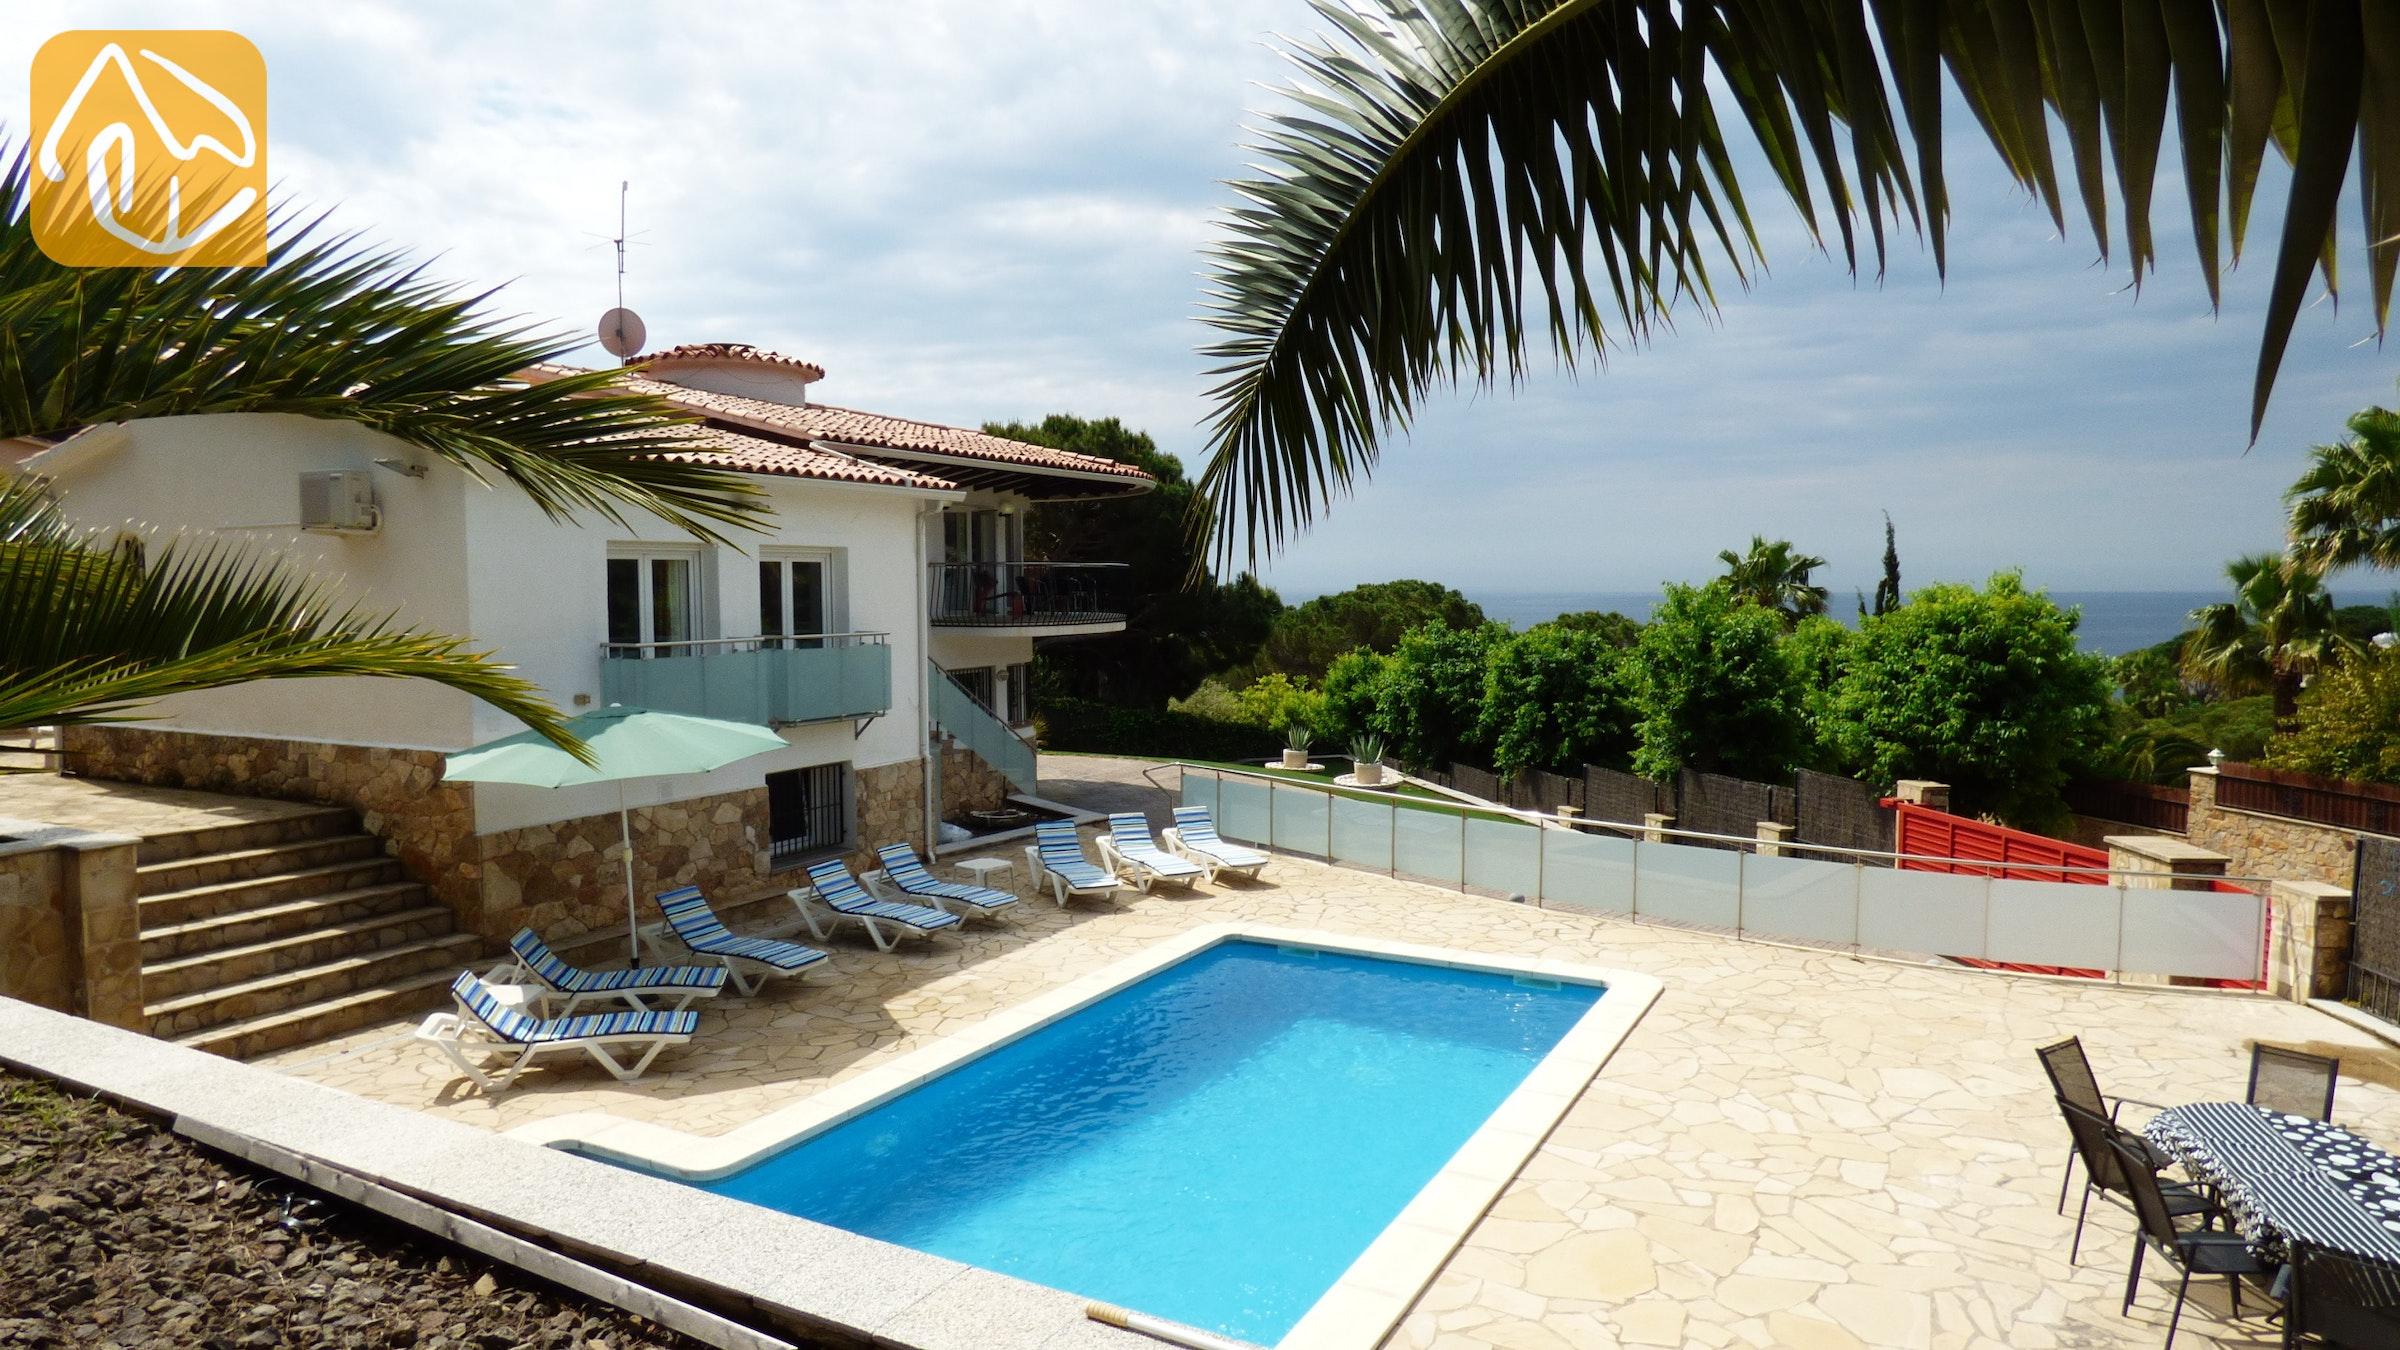 10 personas casa de vacaciones lloret de mar villa vivien - Casas alquiler costa brava ...